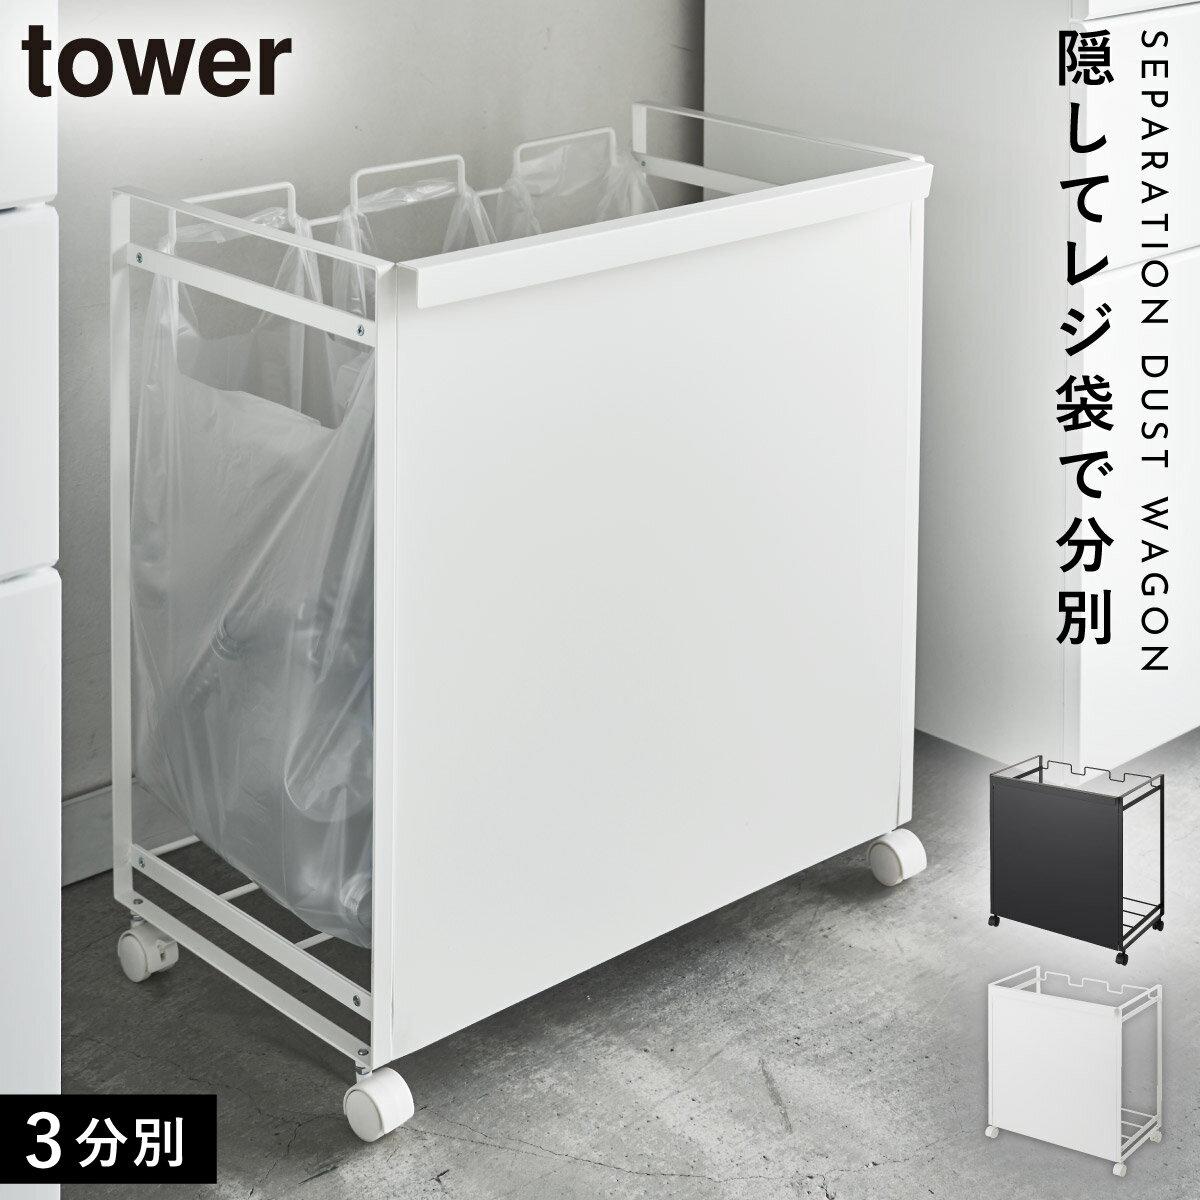 ゴミ箱 分別 キャスター ワゴン 目隠し分別ダストワゴン 3分別 タワー tower 山崎実業 yamazaki